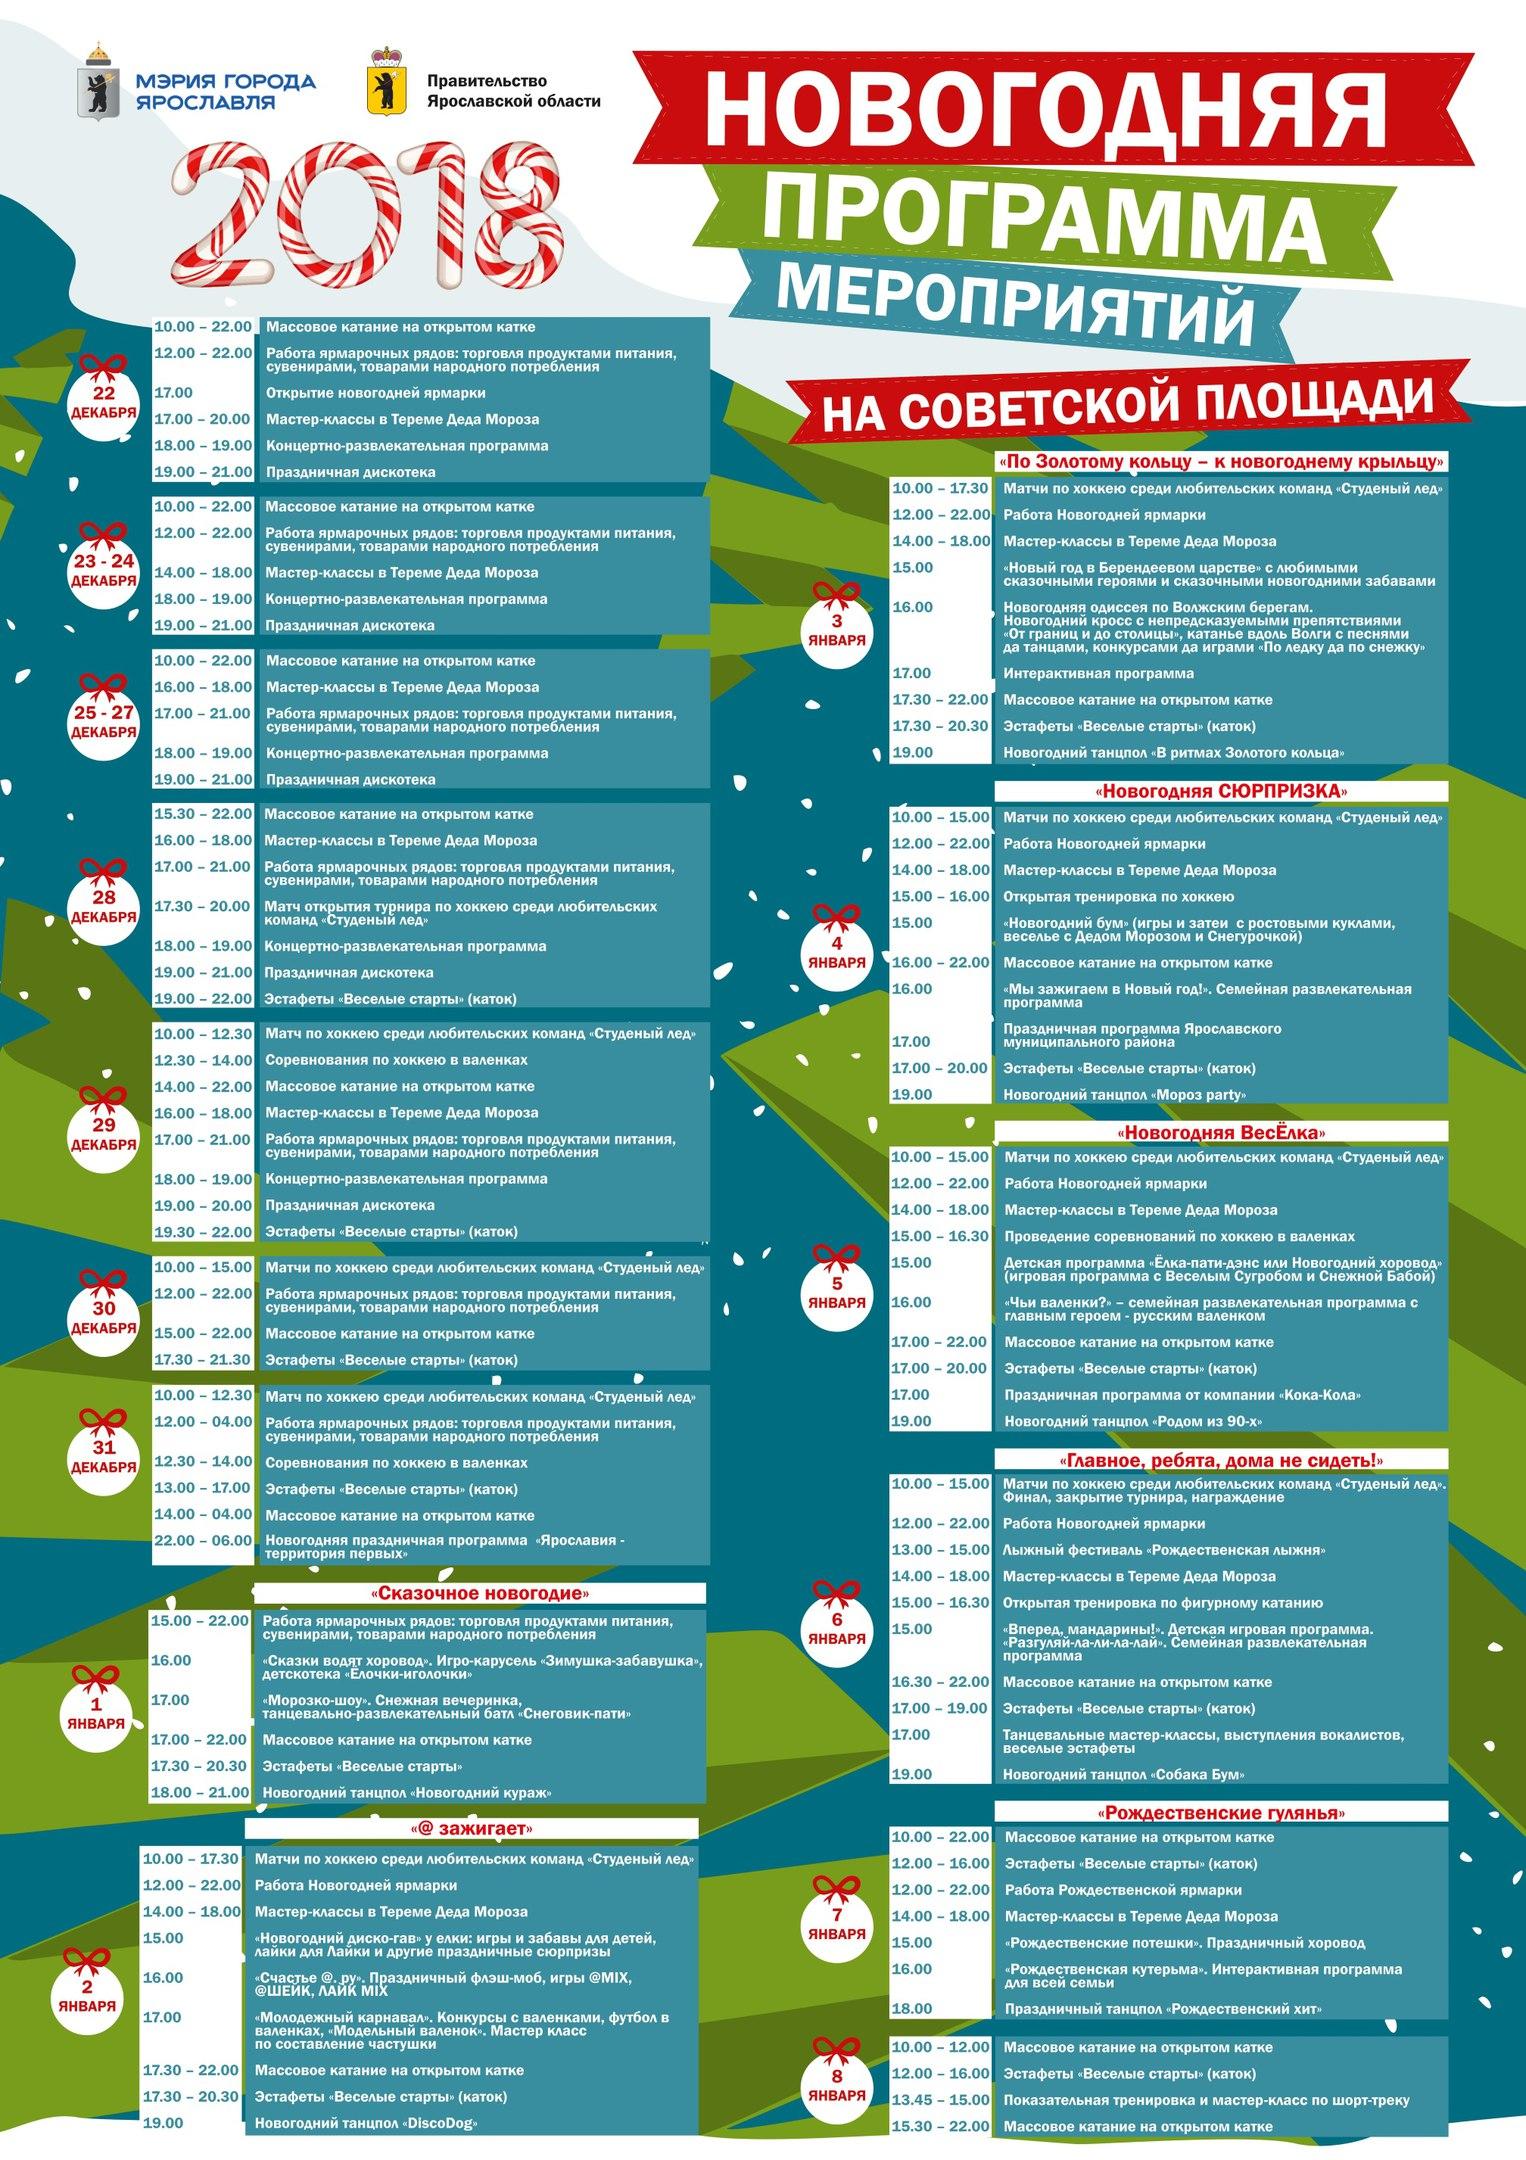 Расписание праздников на советской площади